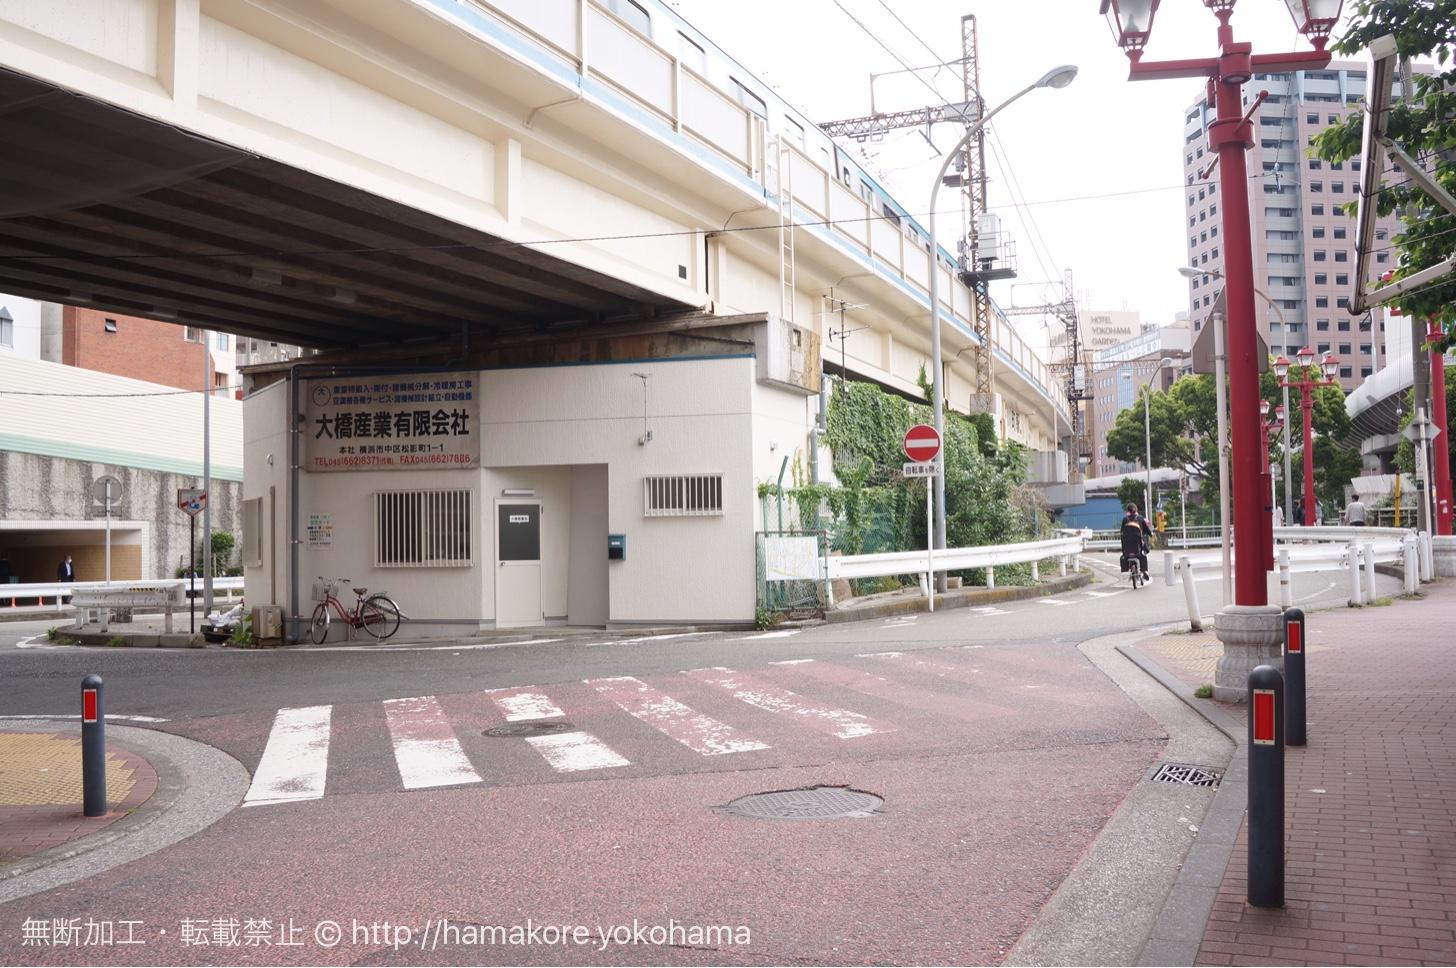 横浜中華街に向かう途中のY字路